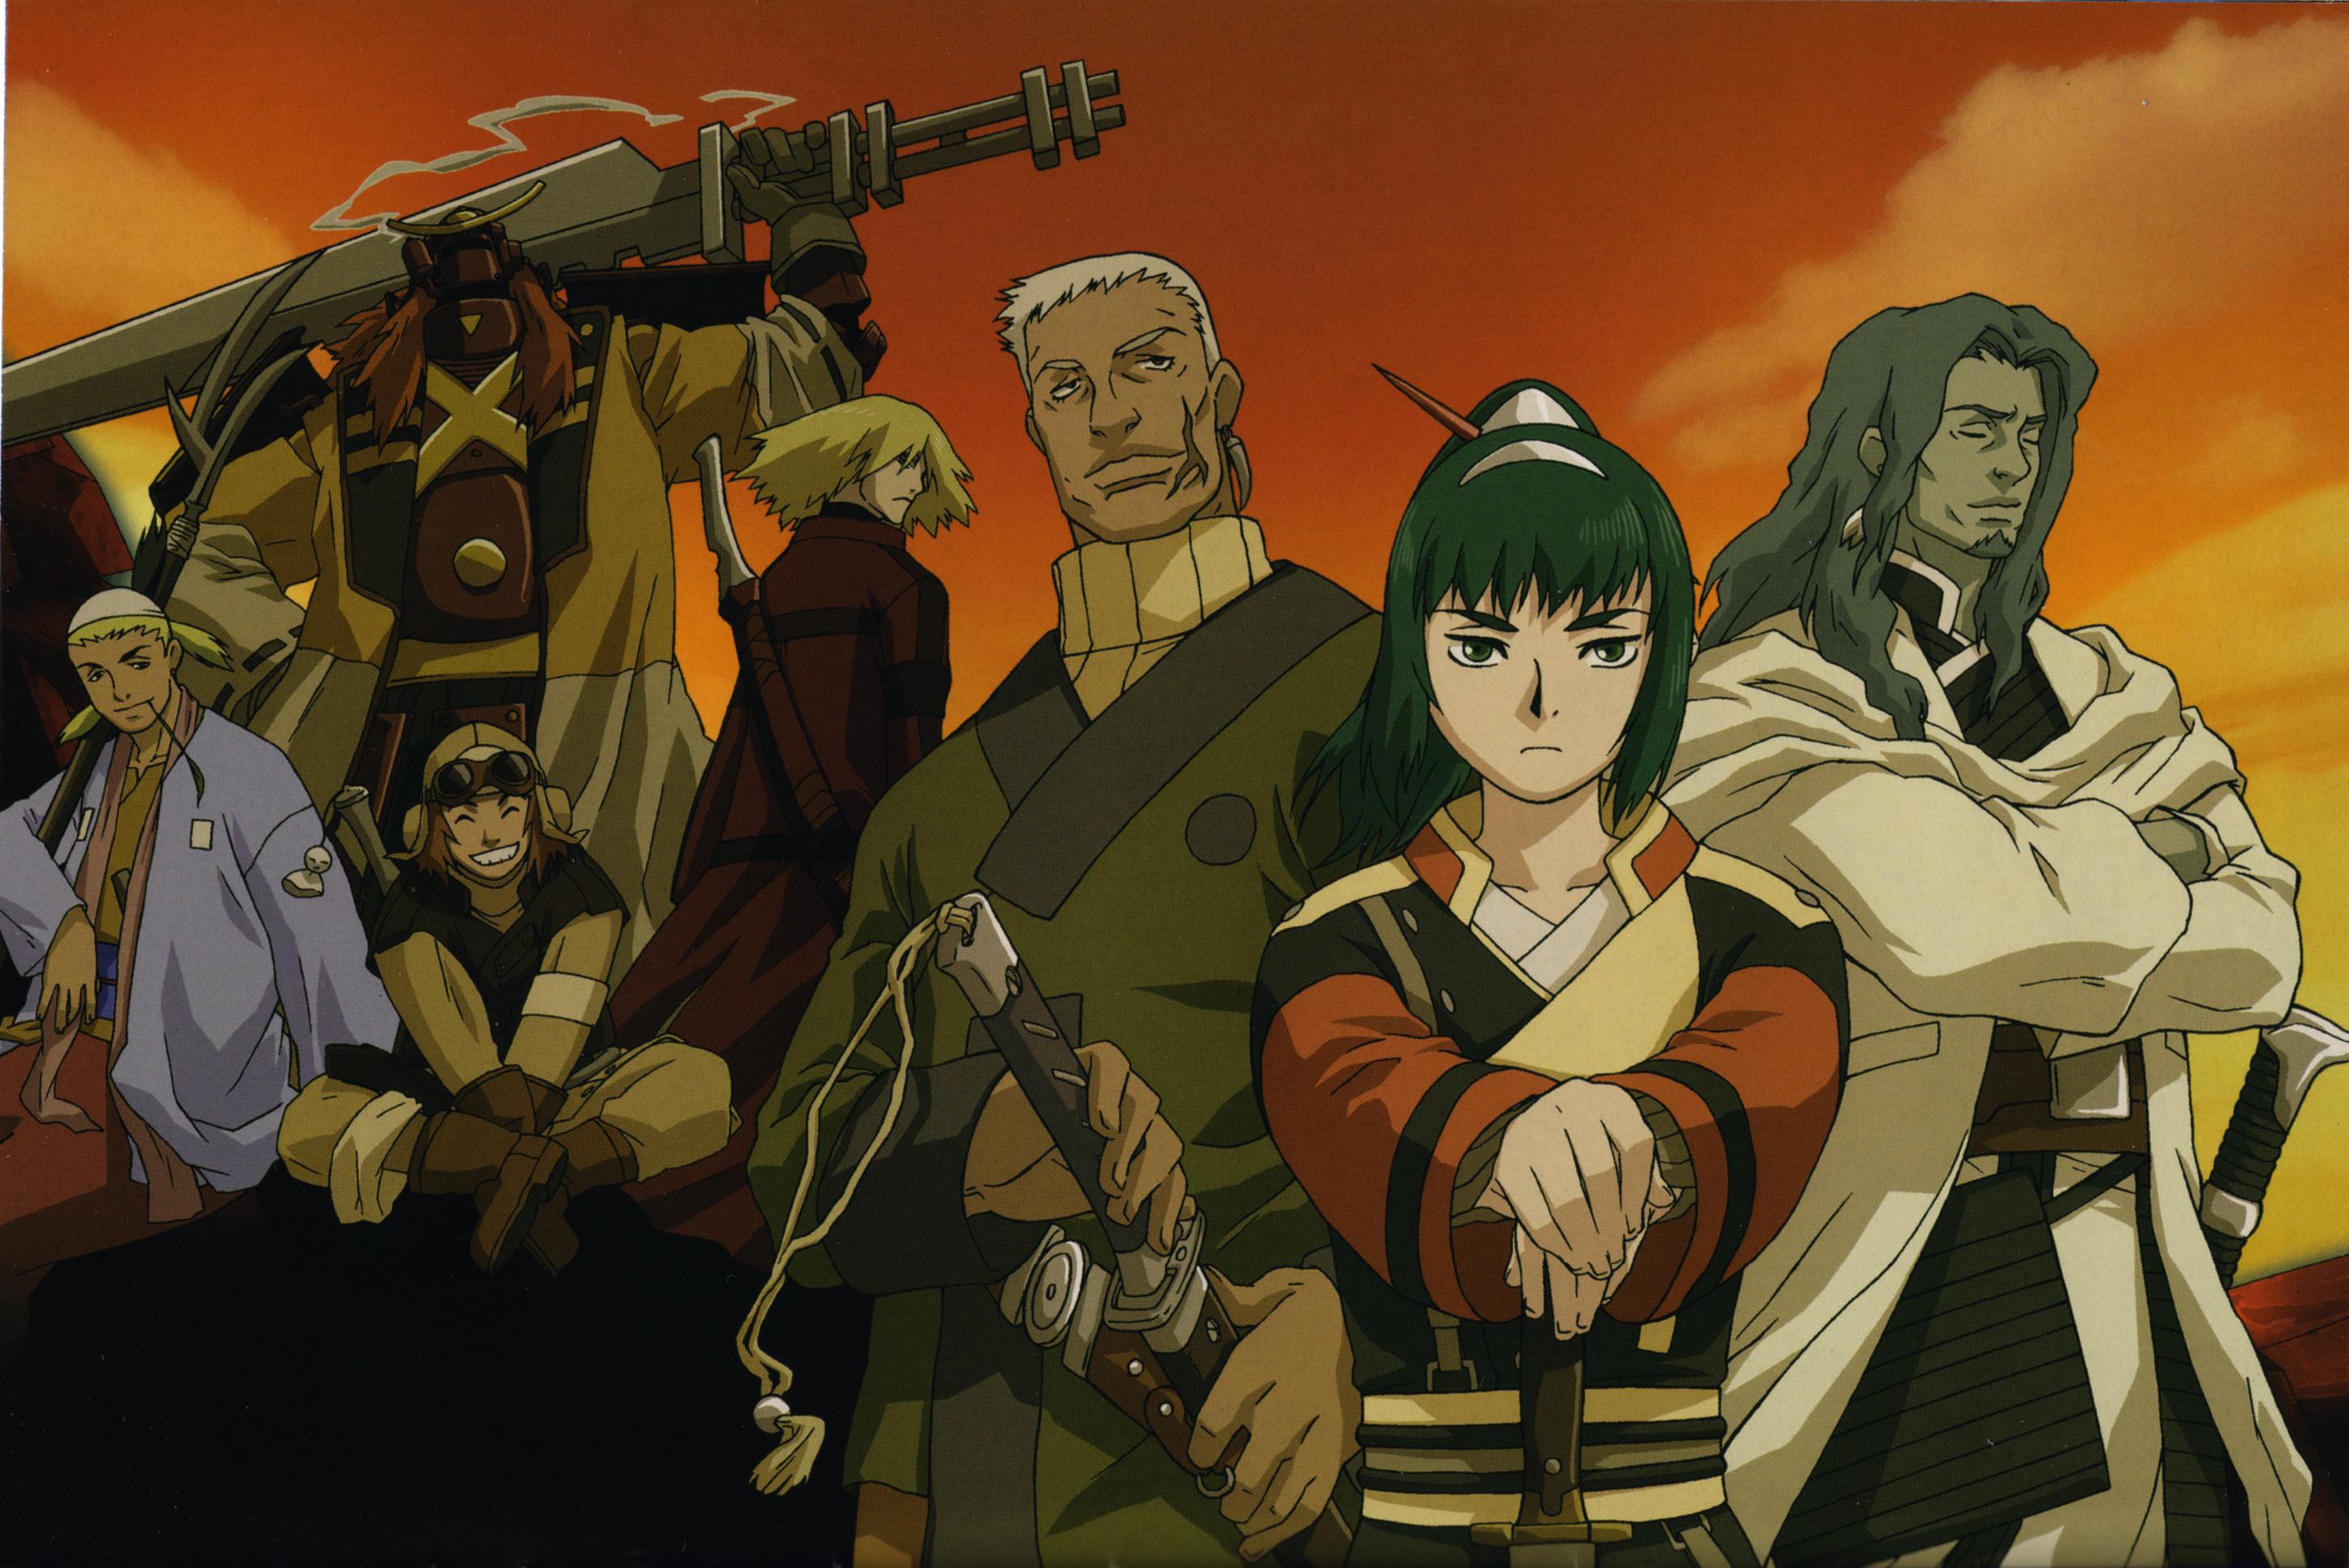 The 7 Samurai